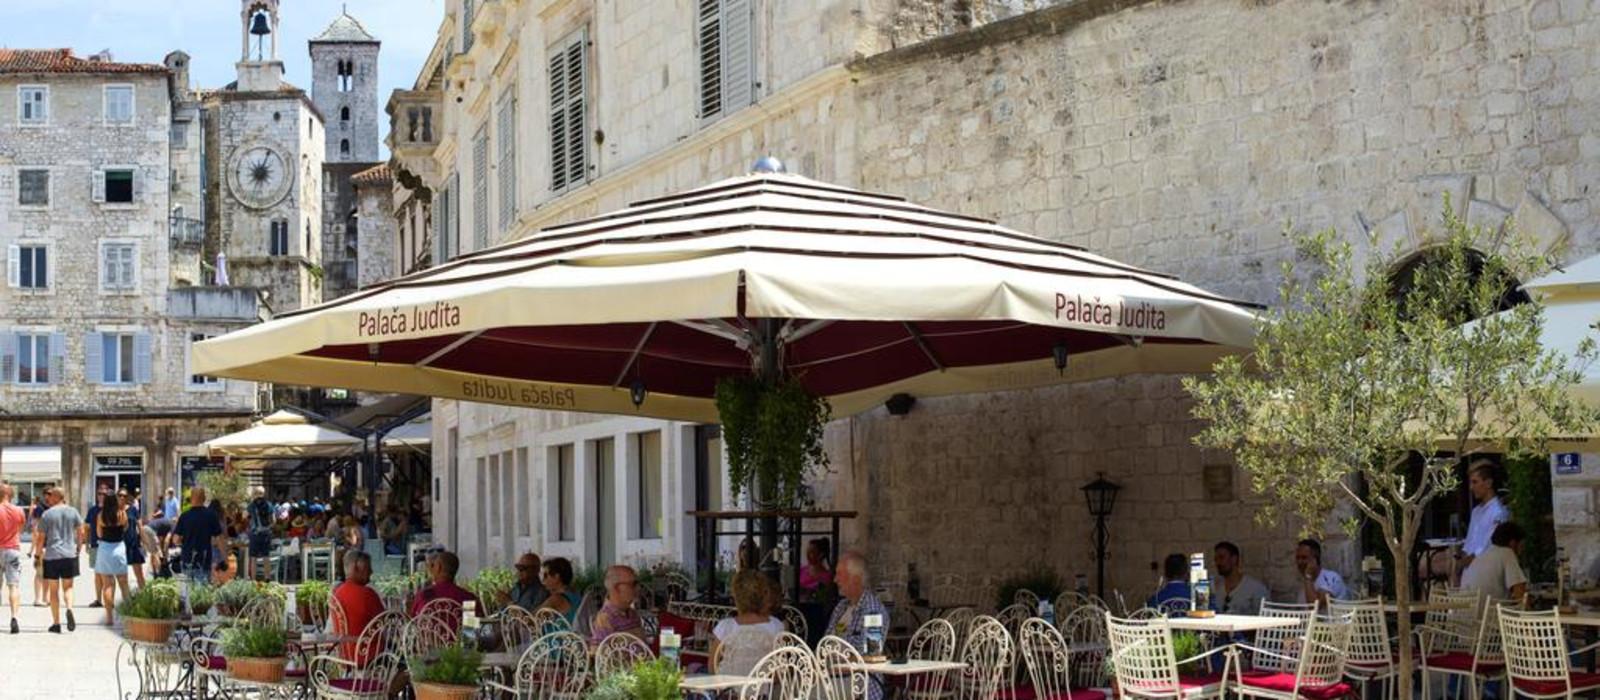 Hotel Palace Judita Heritage  Kroatien & Slowenien